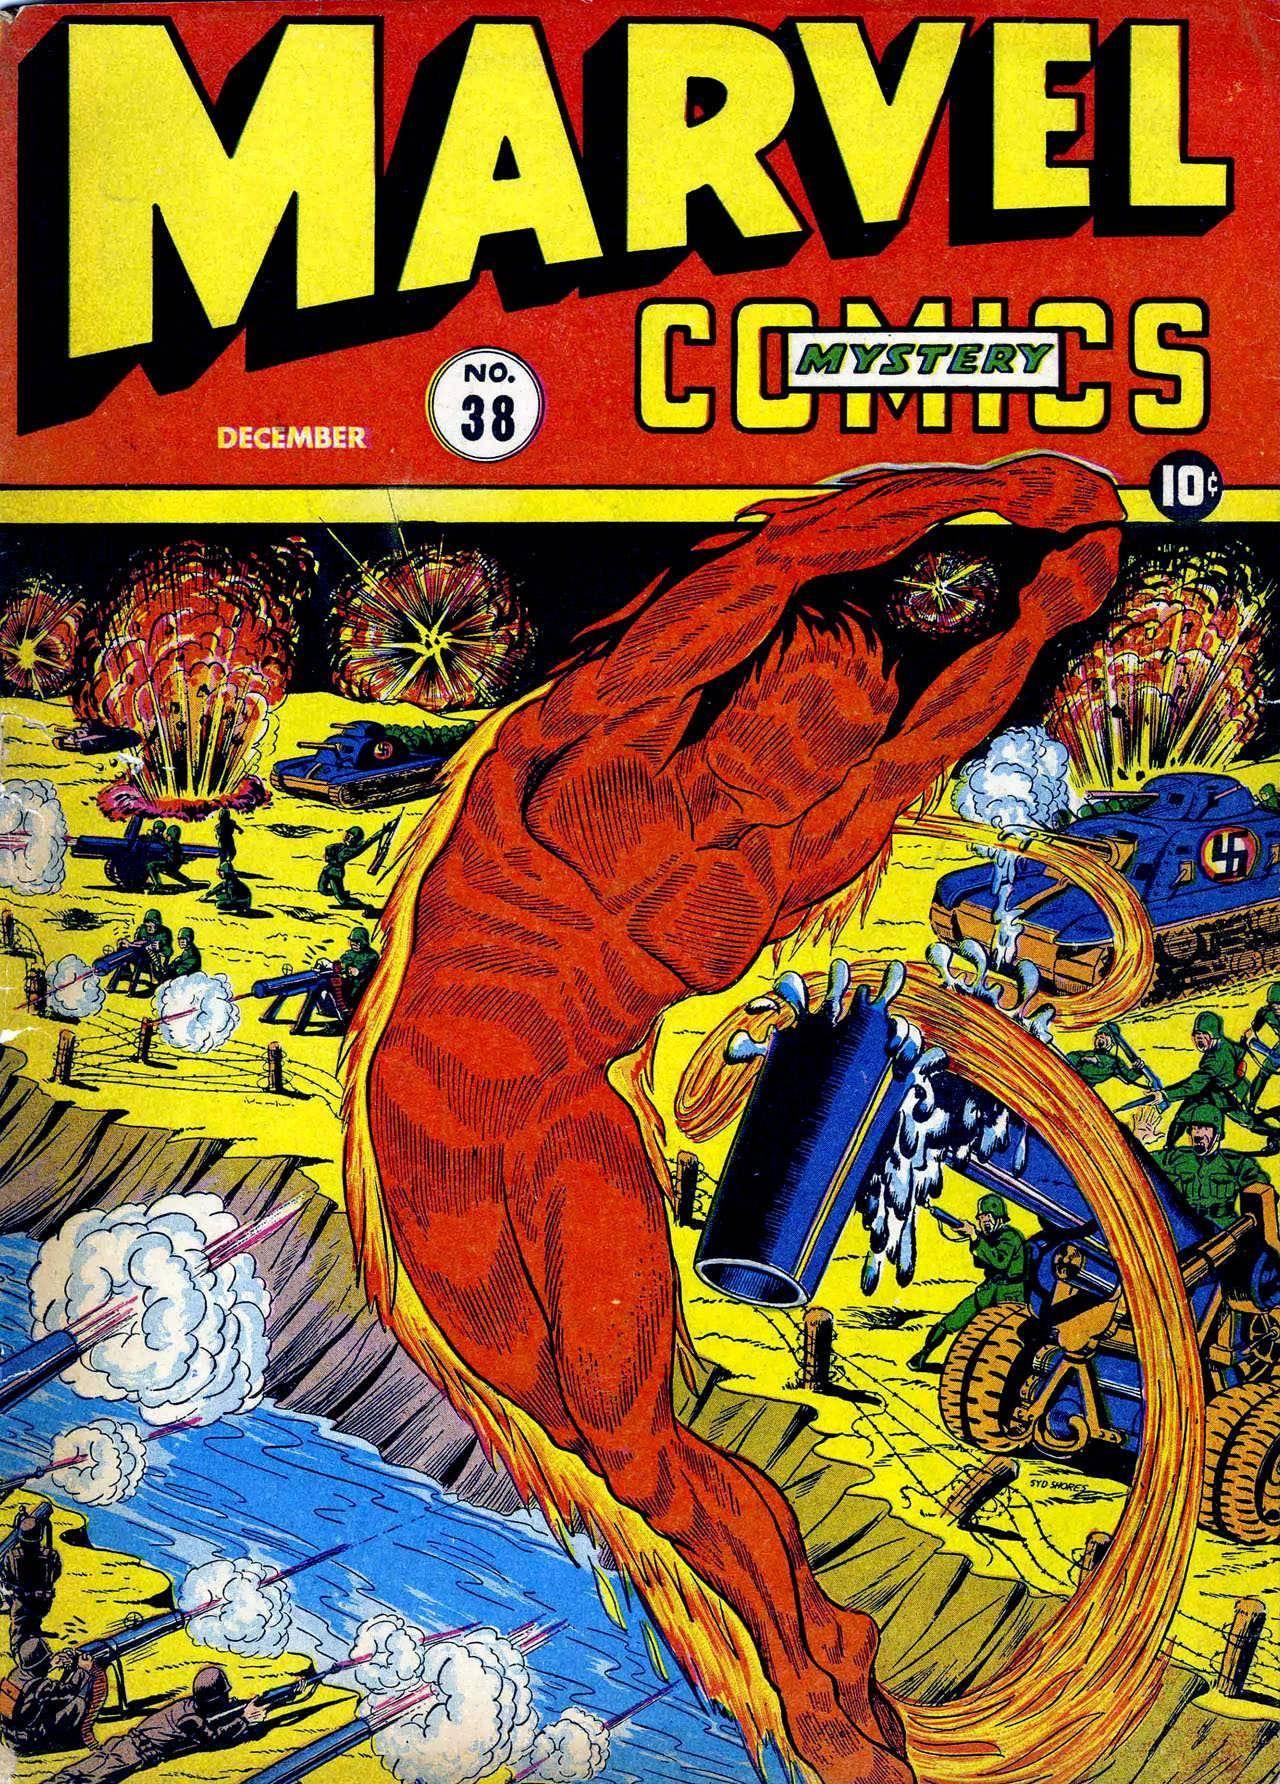 Marvel Mystery Comics v1 038 1942